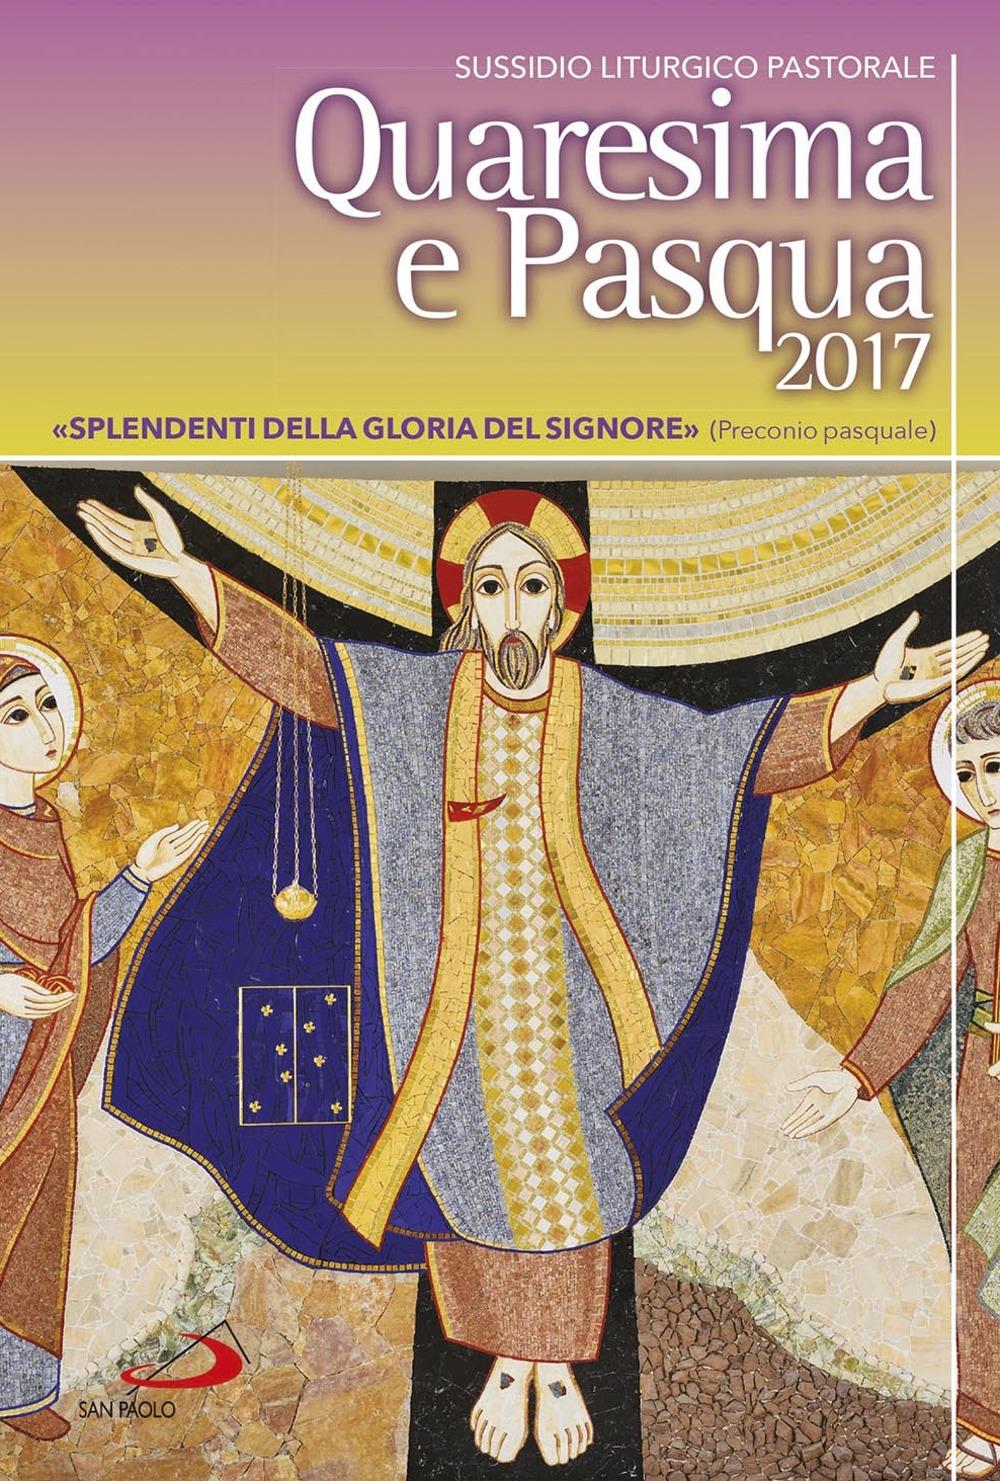 Quaresima e Pasqua 2017. Sussidio liturgico pastorale